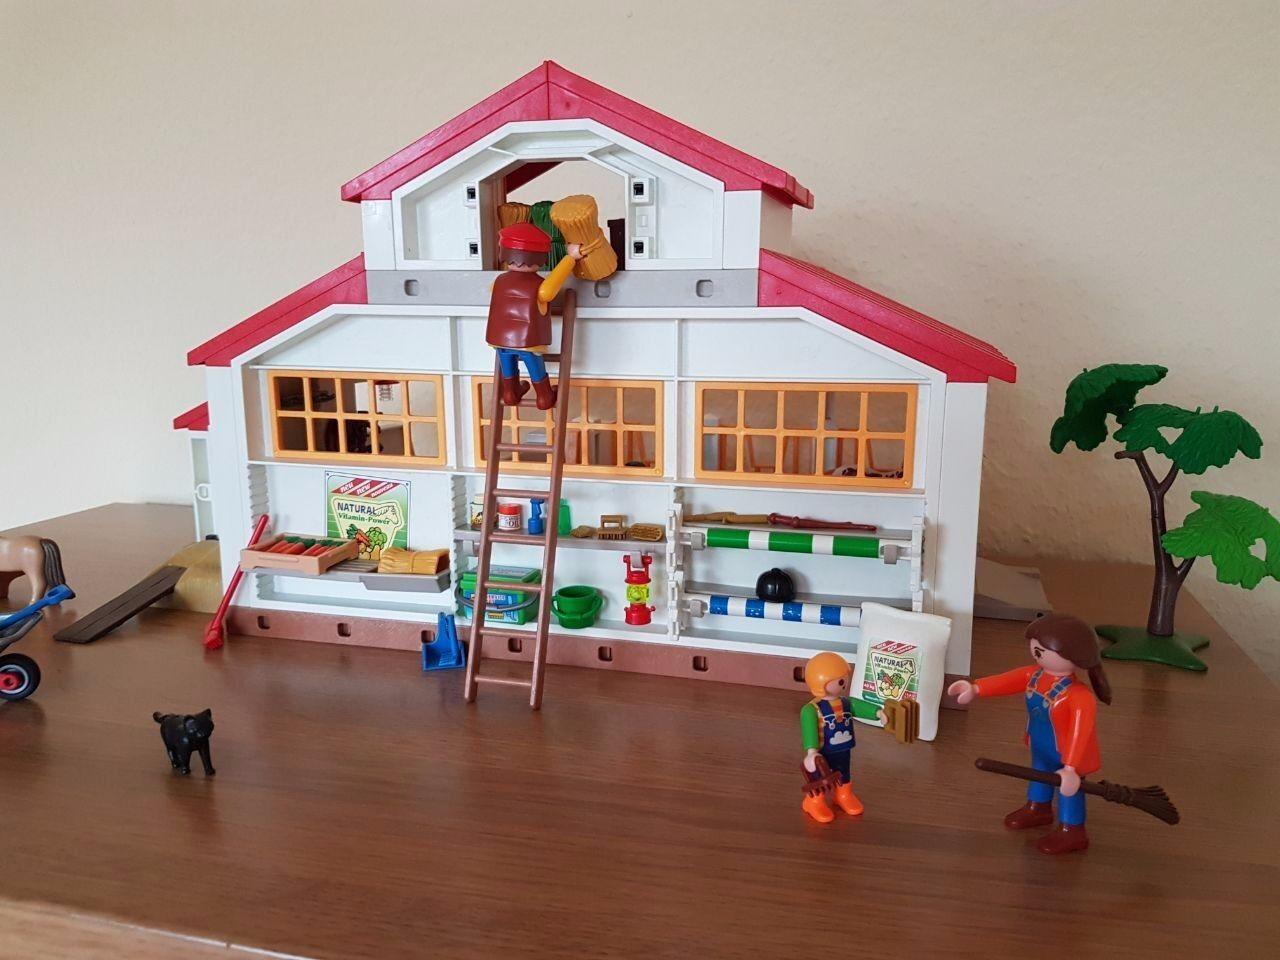 Playmobil 4190 Reiterhof komplett in OVP + Anleitung TOP Zustand wie neu